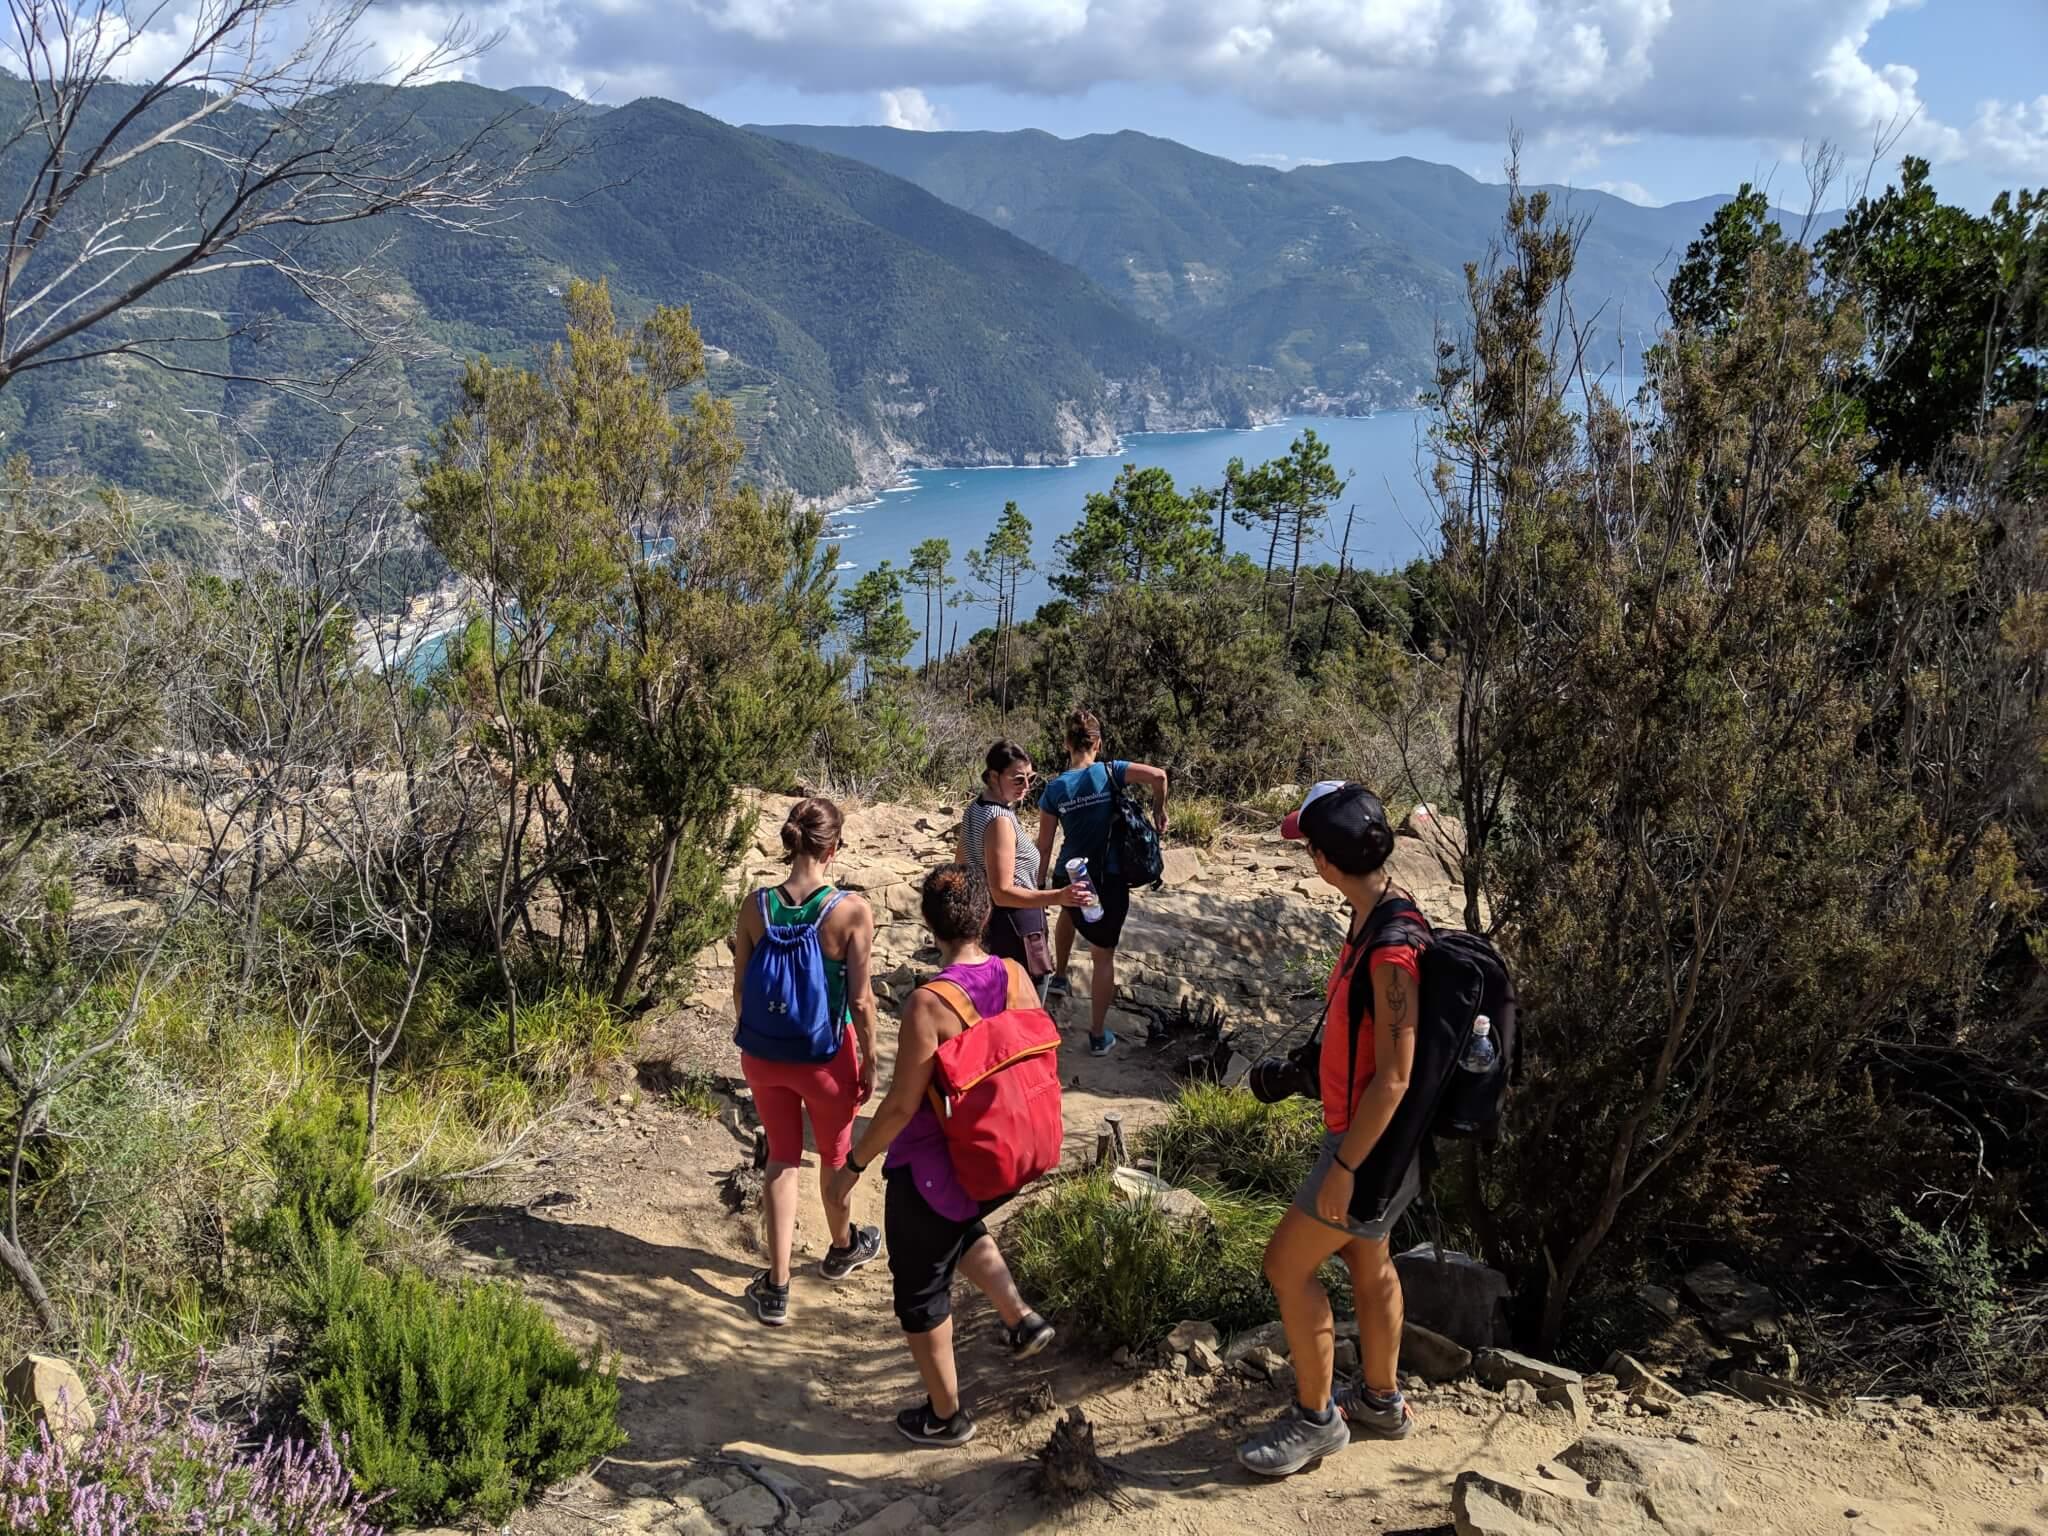 Day Trip - Excursion to Cinque Terre